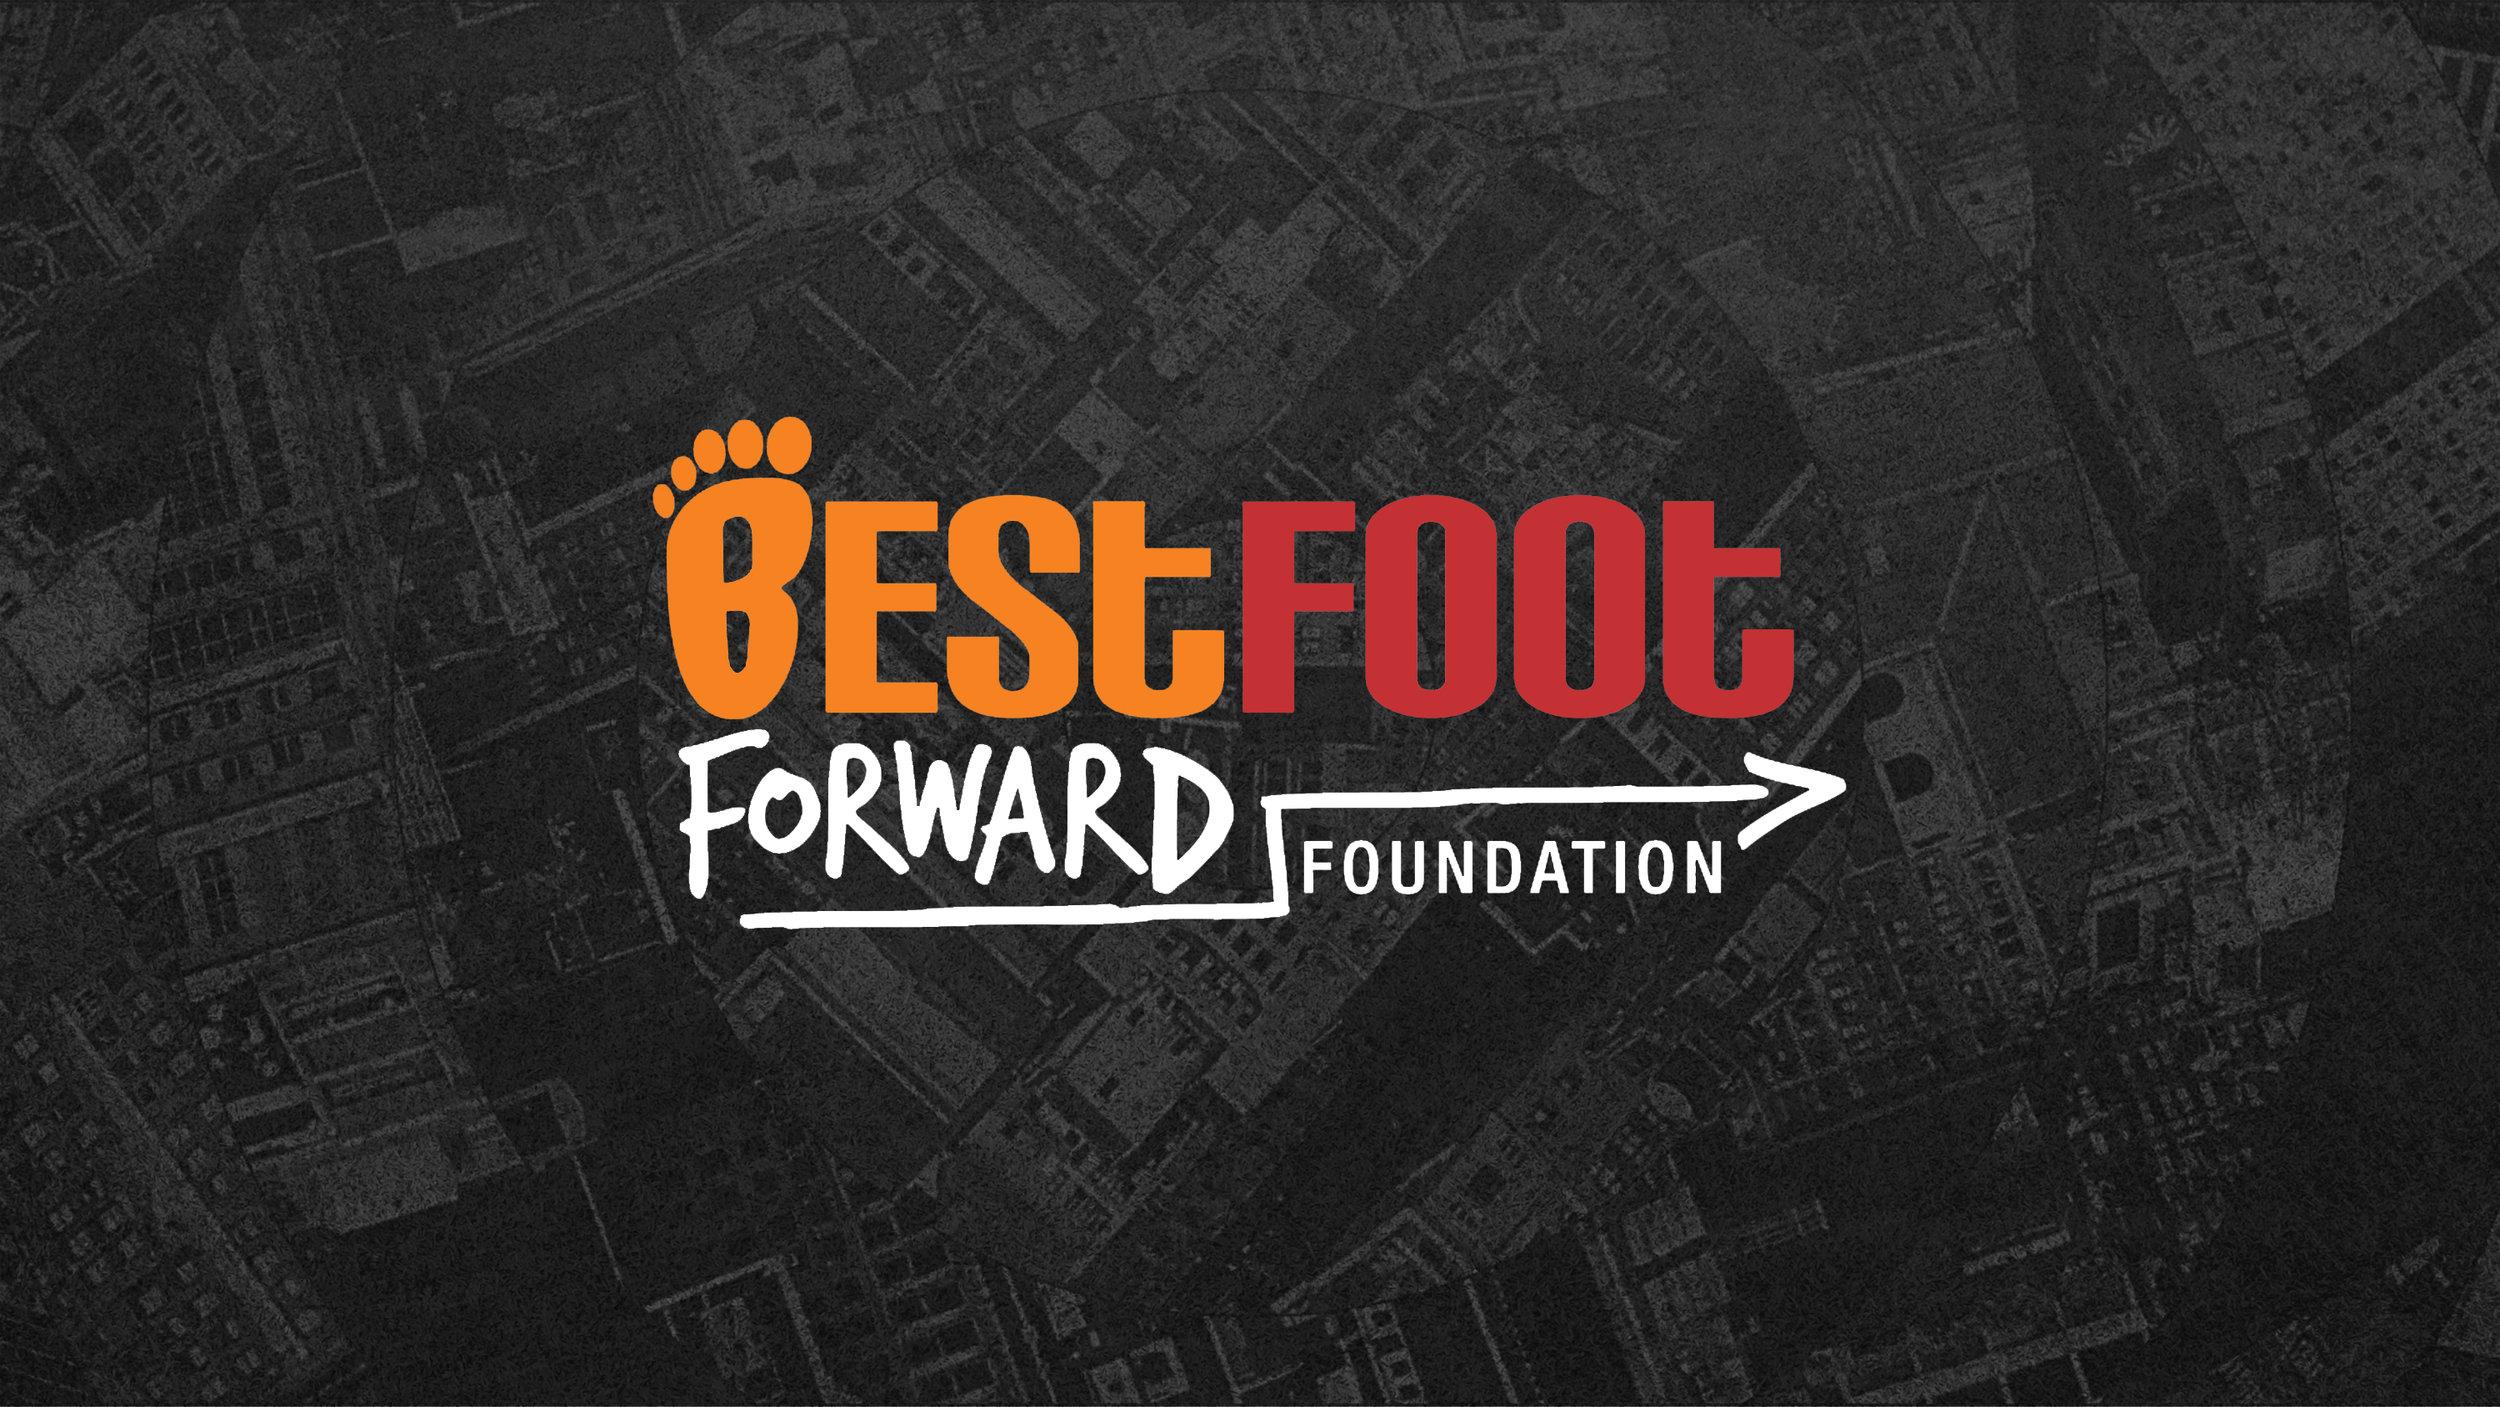 Best Foot Forward.jpg